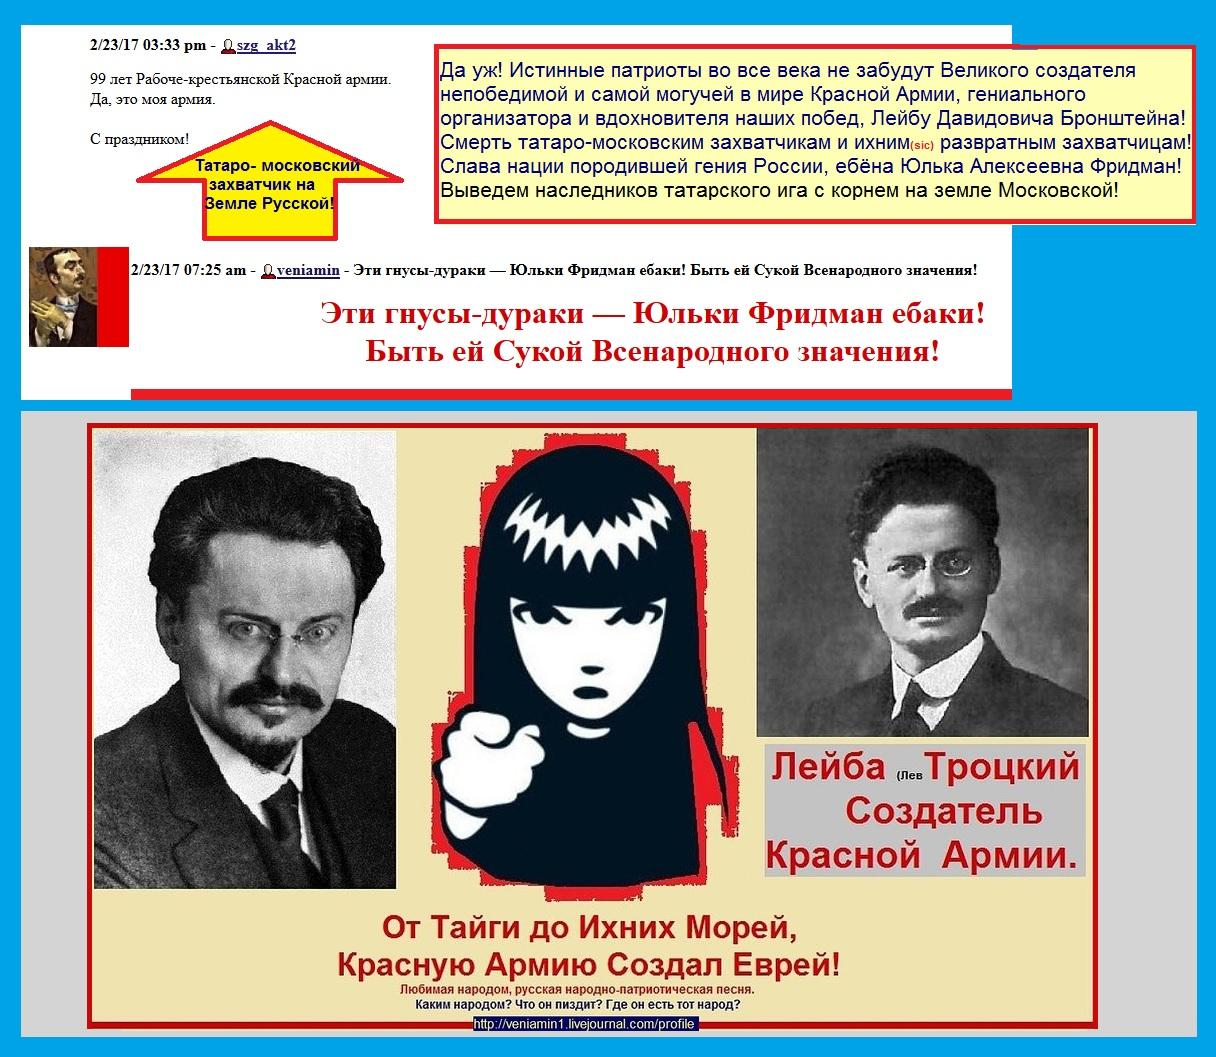 Саид Гафуров — татаро-московский захватчик и заглотчик